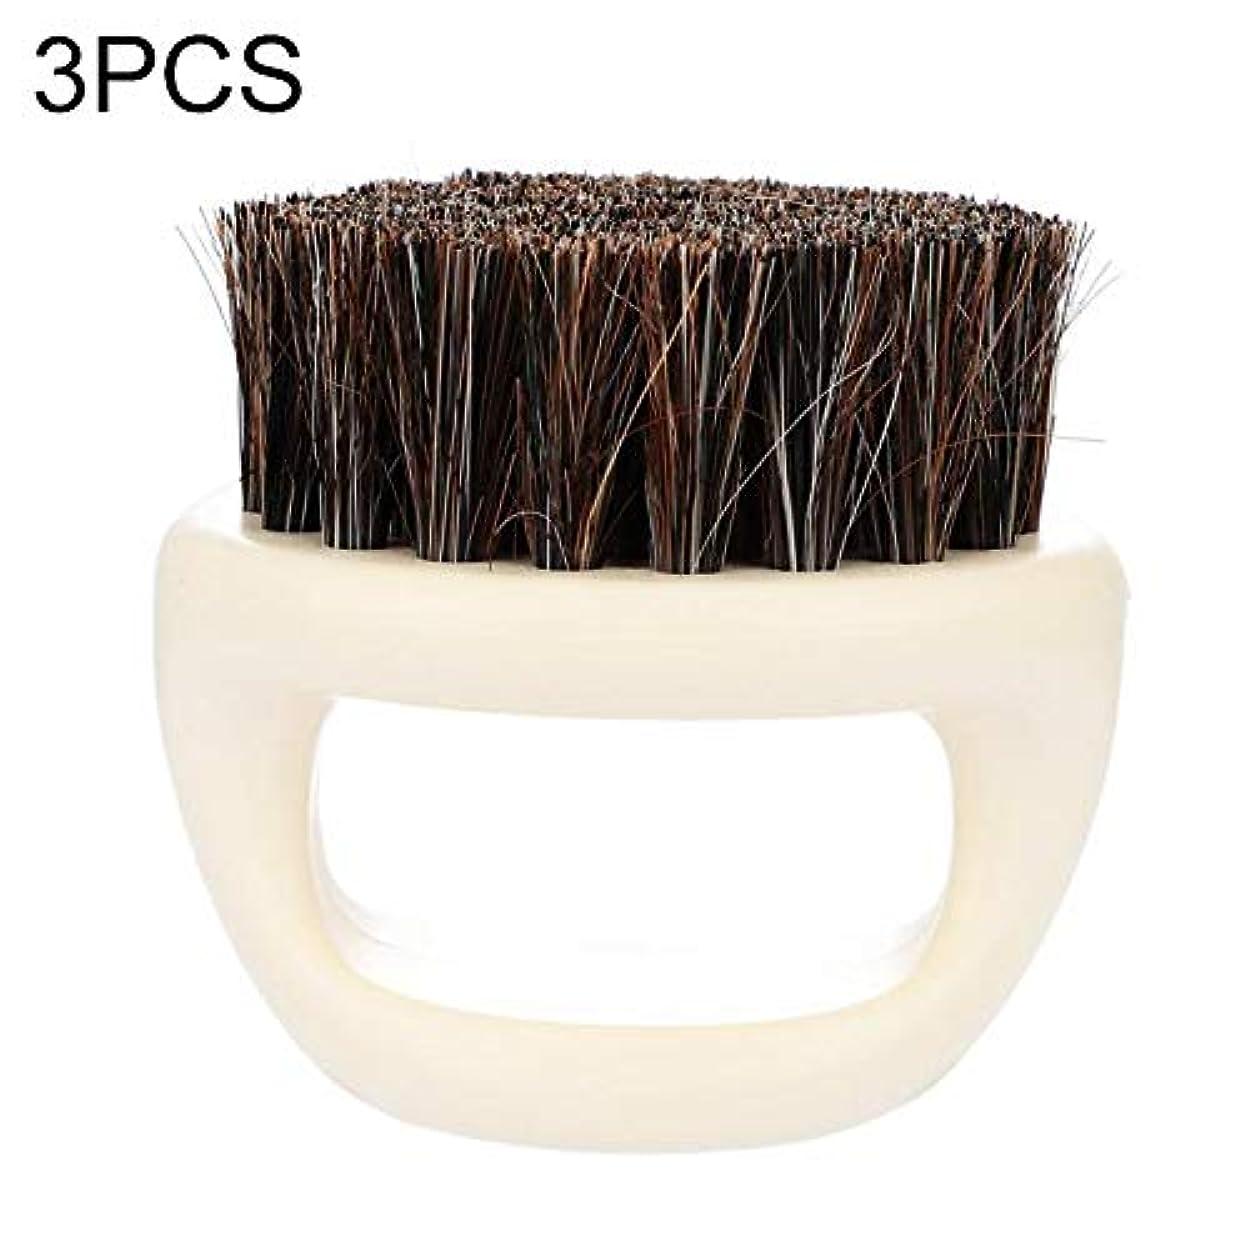 志す勢いイチゴWTYD 美容ヘアツール 3 PCSメンズリングデザインポータブルボアブラシホワイトABSヘアカットクリーニングシェービングブラシ (色 : Black)